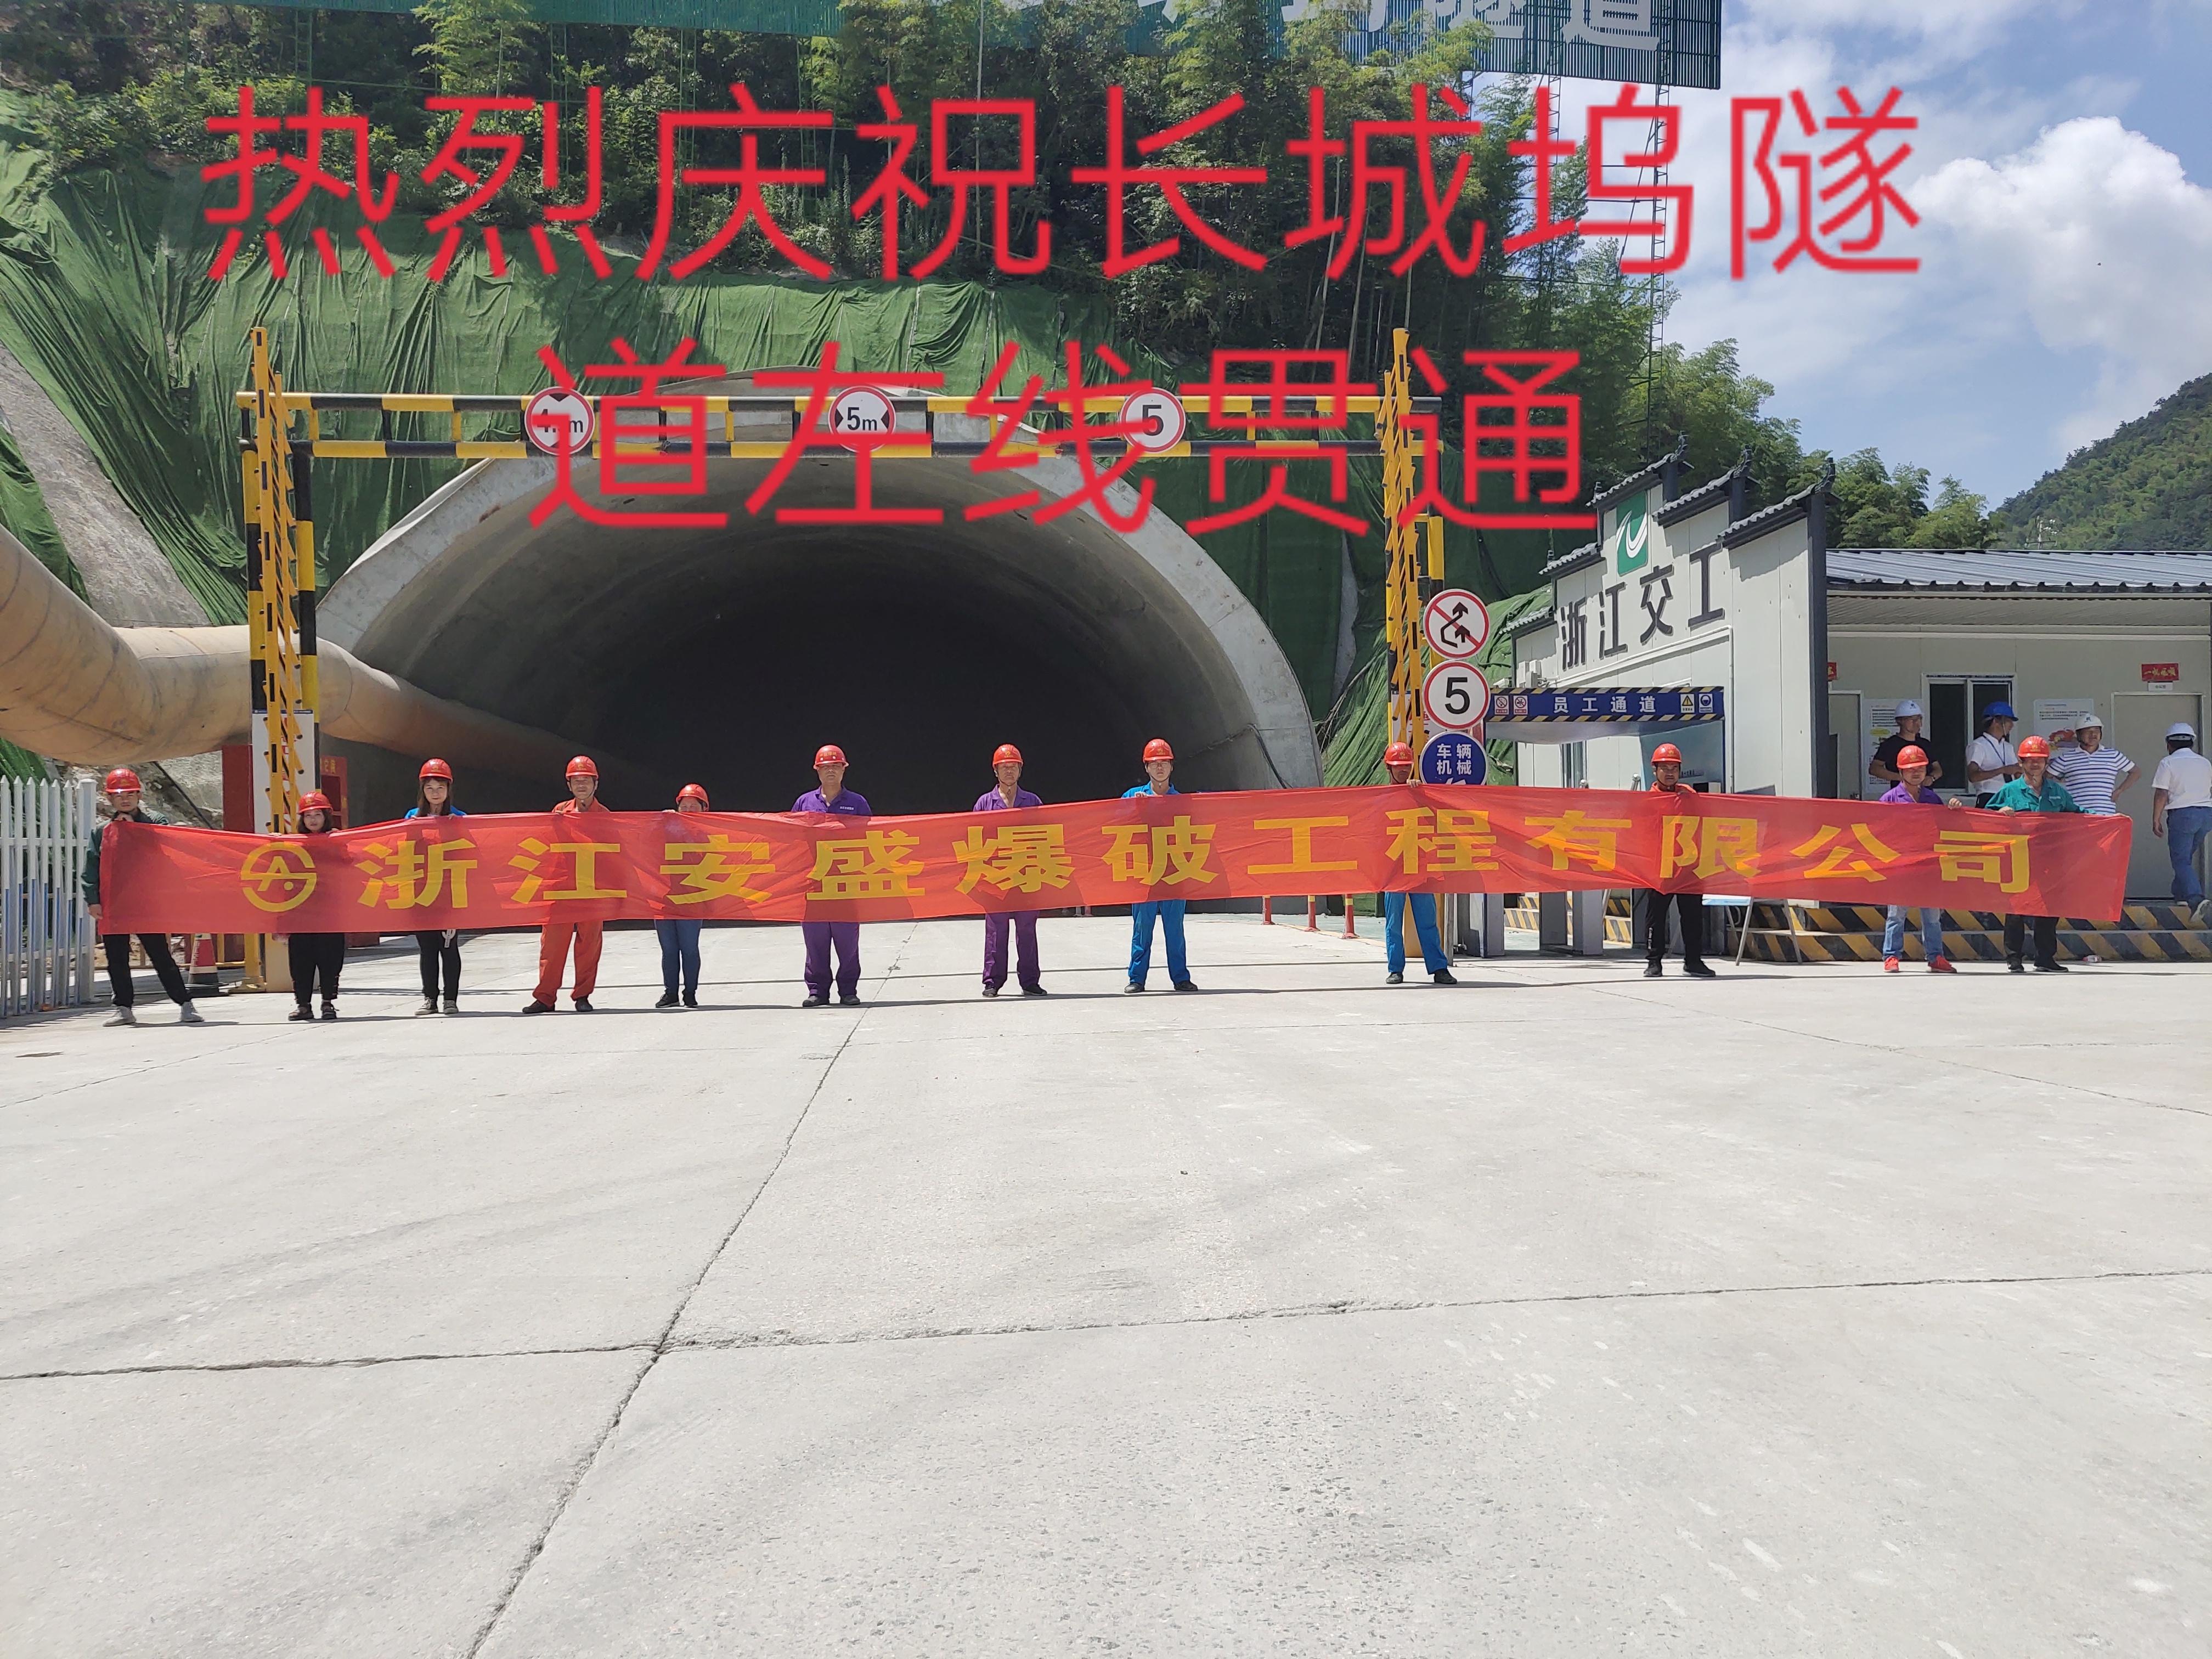 长春至深圳国家高速公路浙江省湖州扩容段2标长城坞隧道